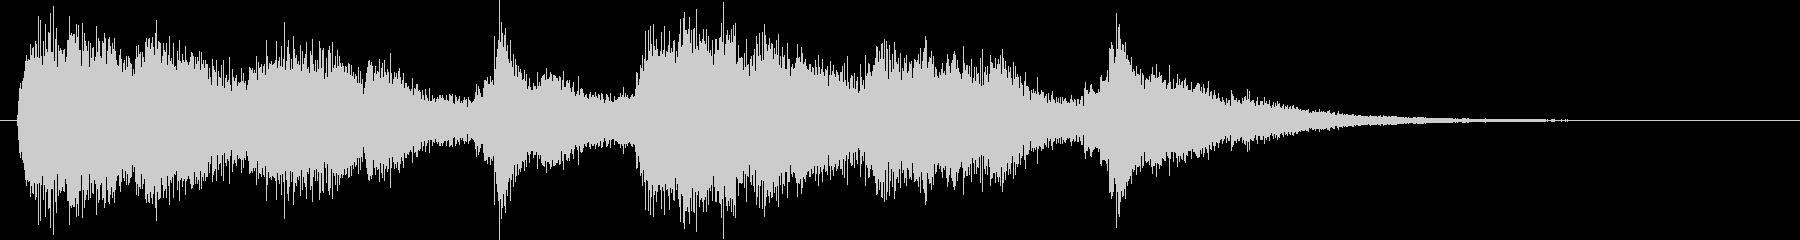 迫り来るピアノの効果音の未再生の波形